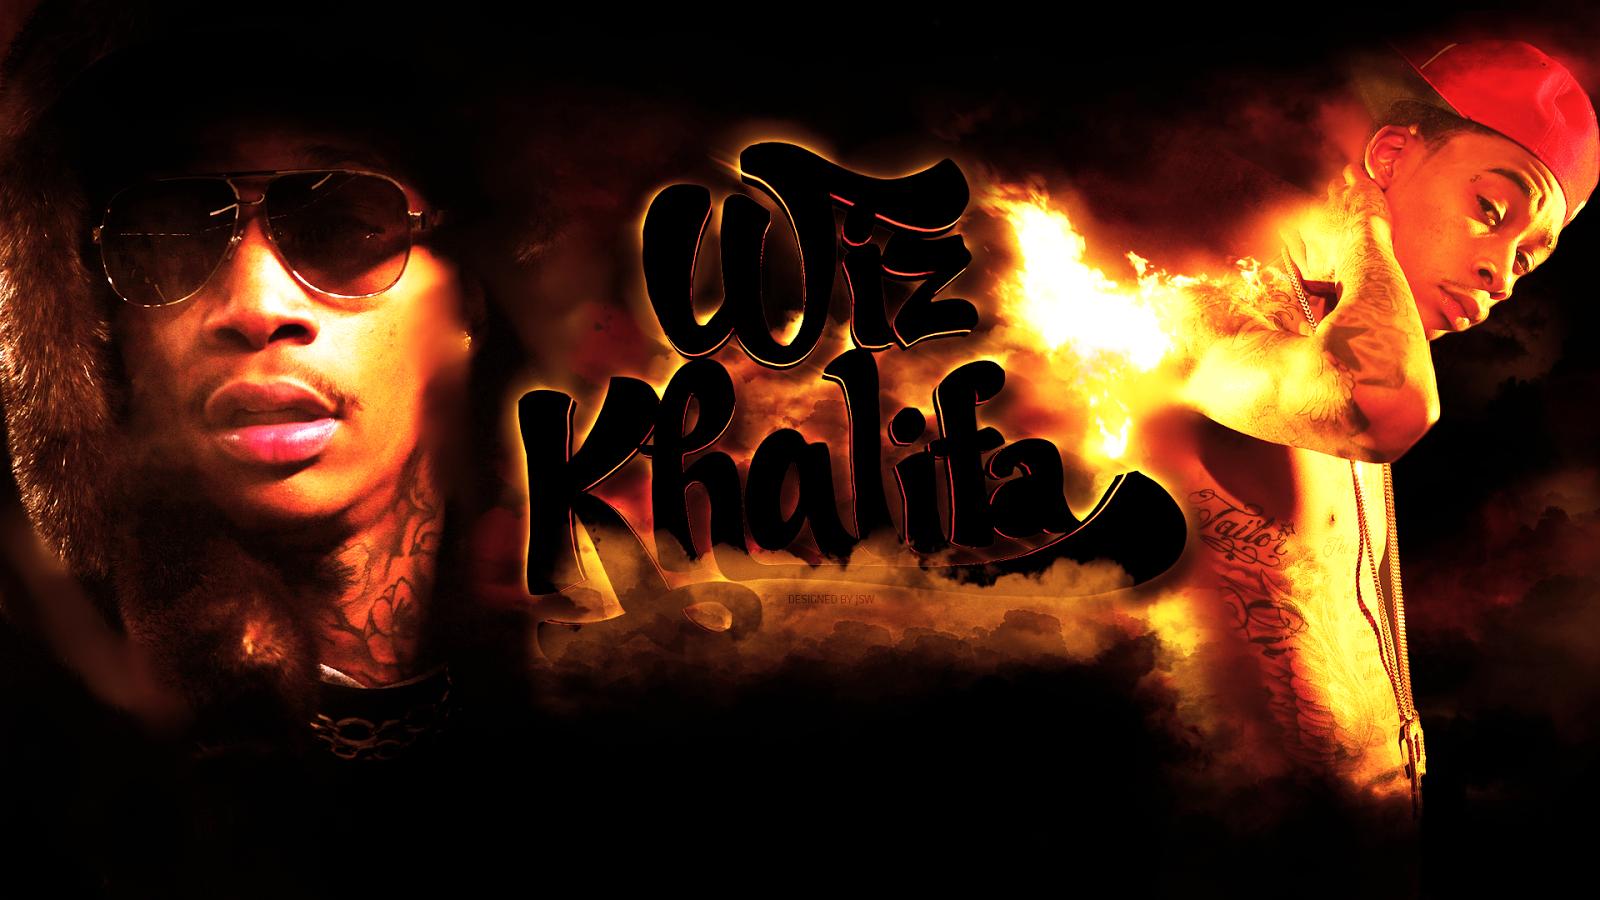 Wiz Khalifa Smoking Weed Wallpaper 2013 File name wallpapers wiz 1600x900